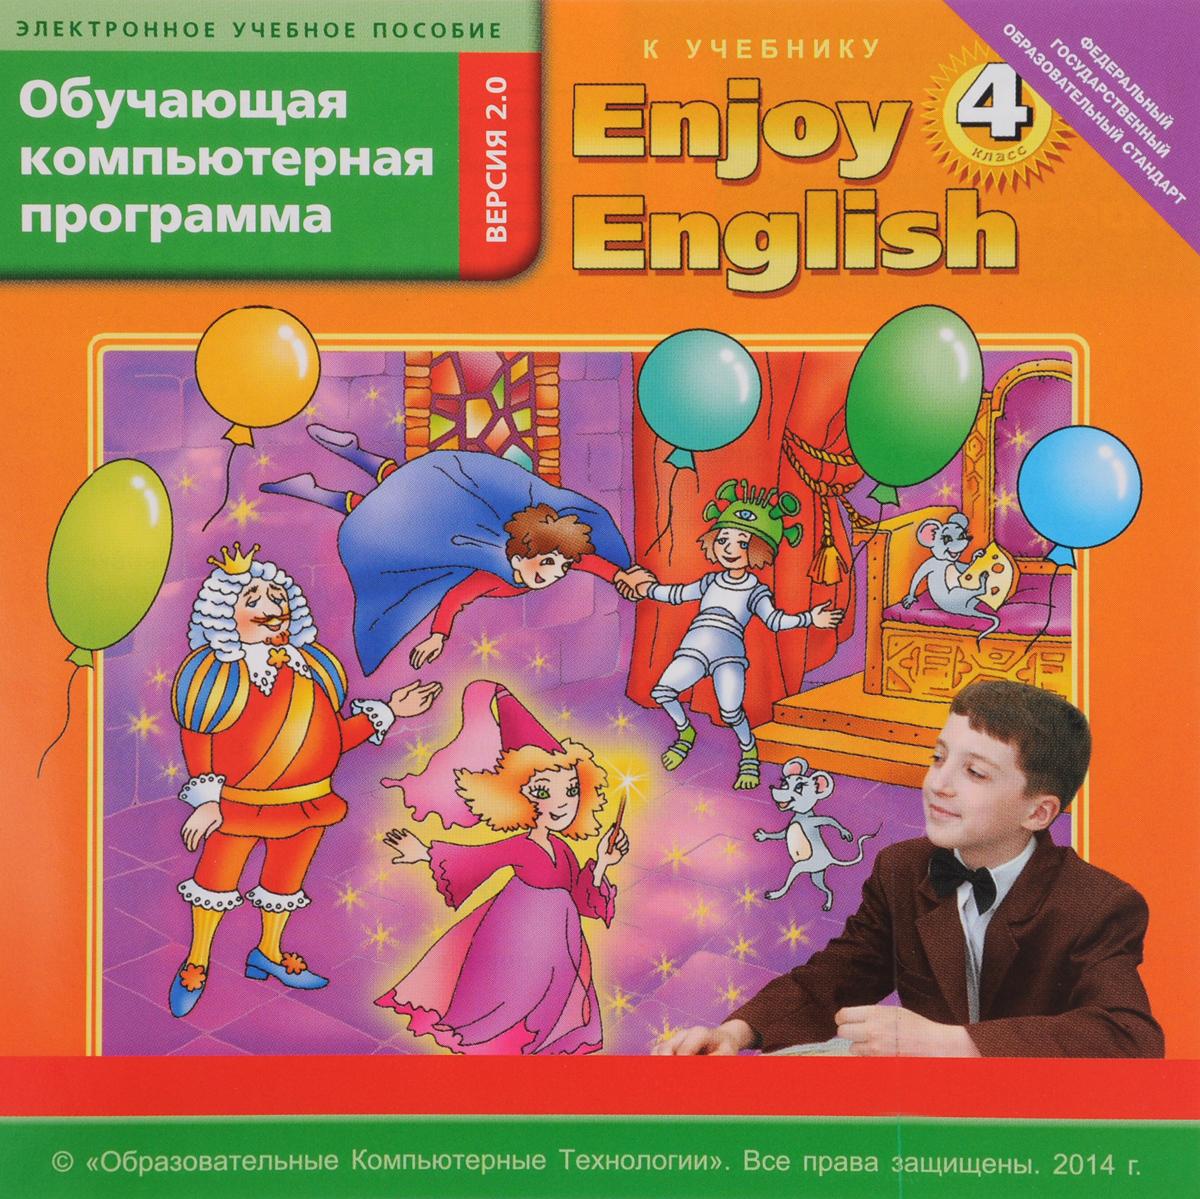 инглиш 4 класс ogdz.ru хаппи